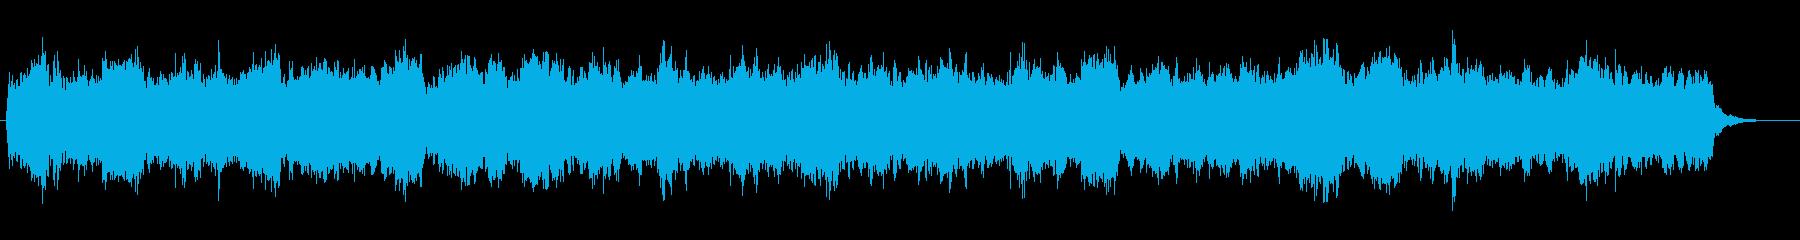 「きよしこの夜」クラシックオーケストラの再生済みの波形